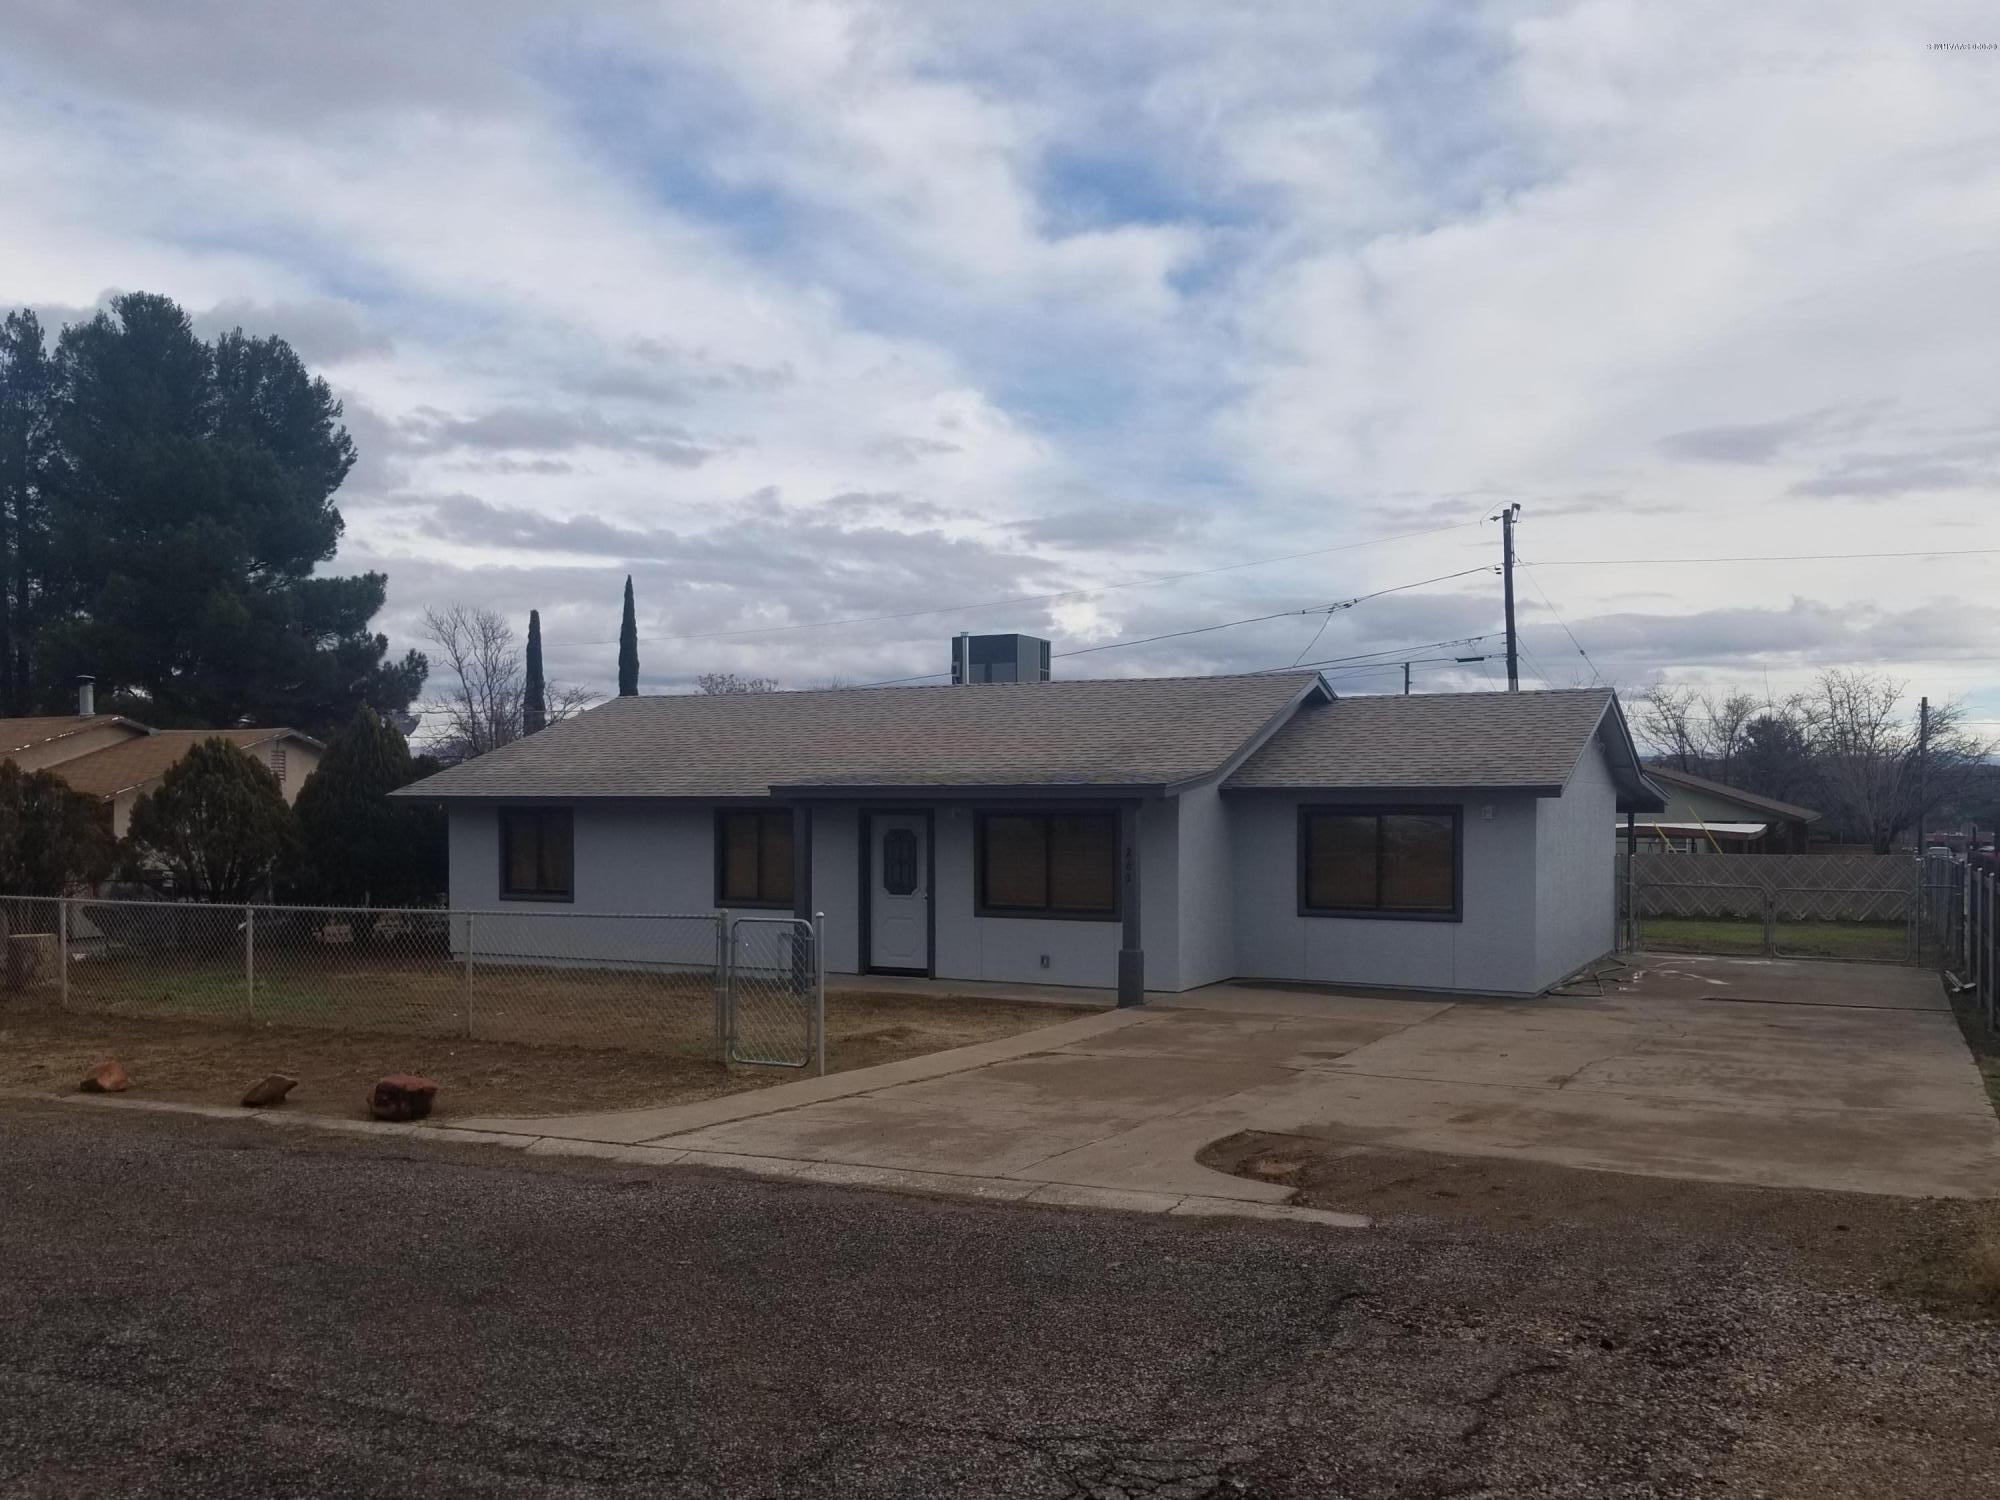 263 S 11th St Cottonwood, AZ 86326